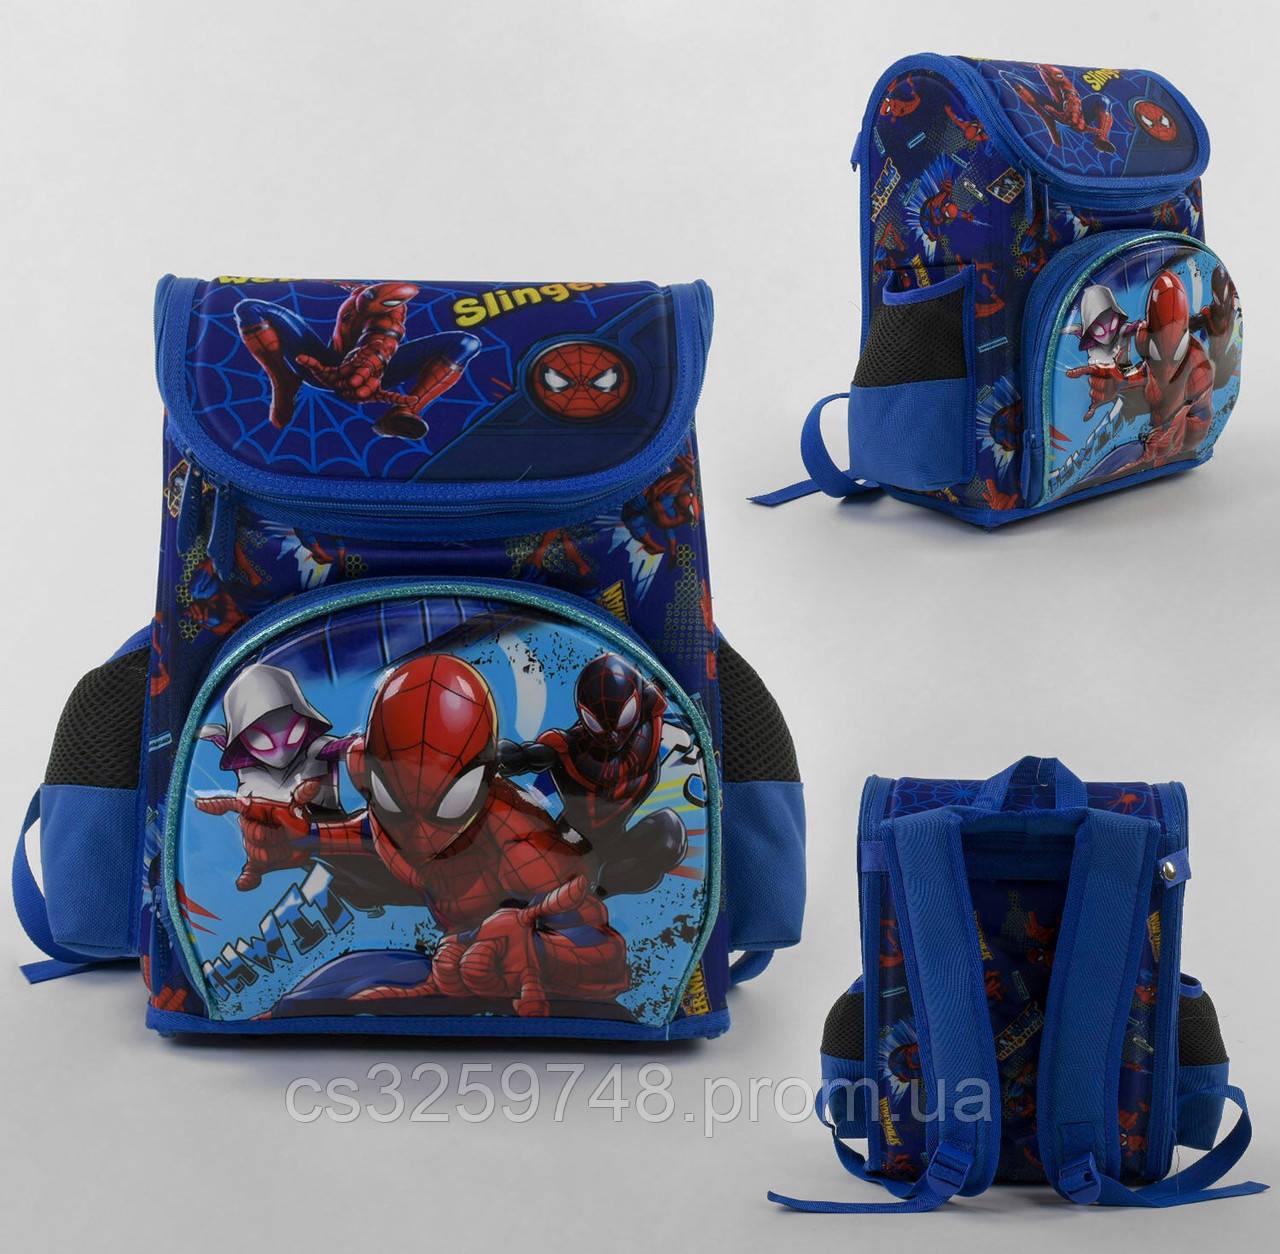 Рюкзак детский школьный каркасный Spider-Man С 43559 с 3D принтом,3 карманами и ортопедической спинкой